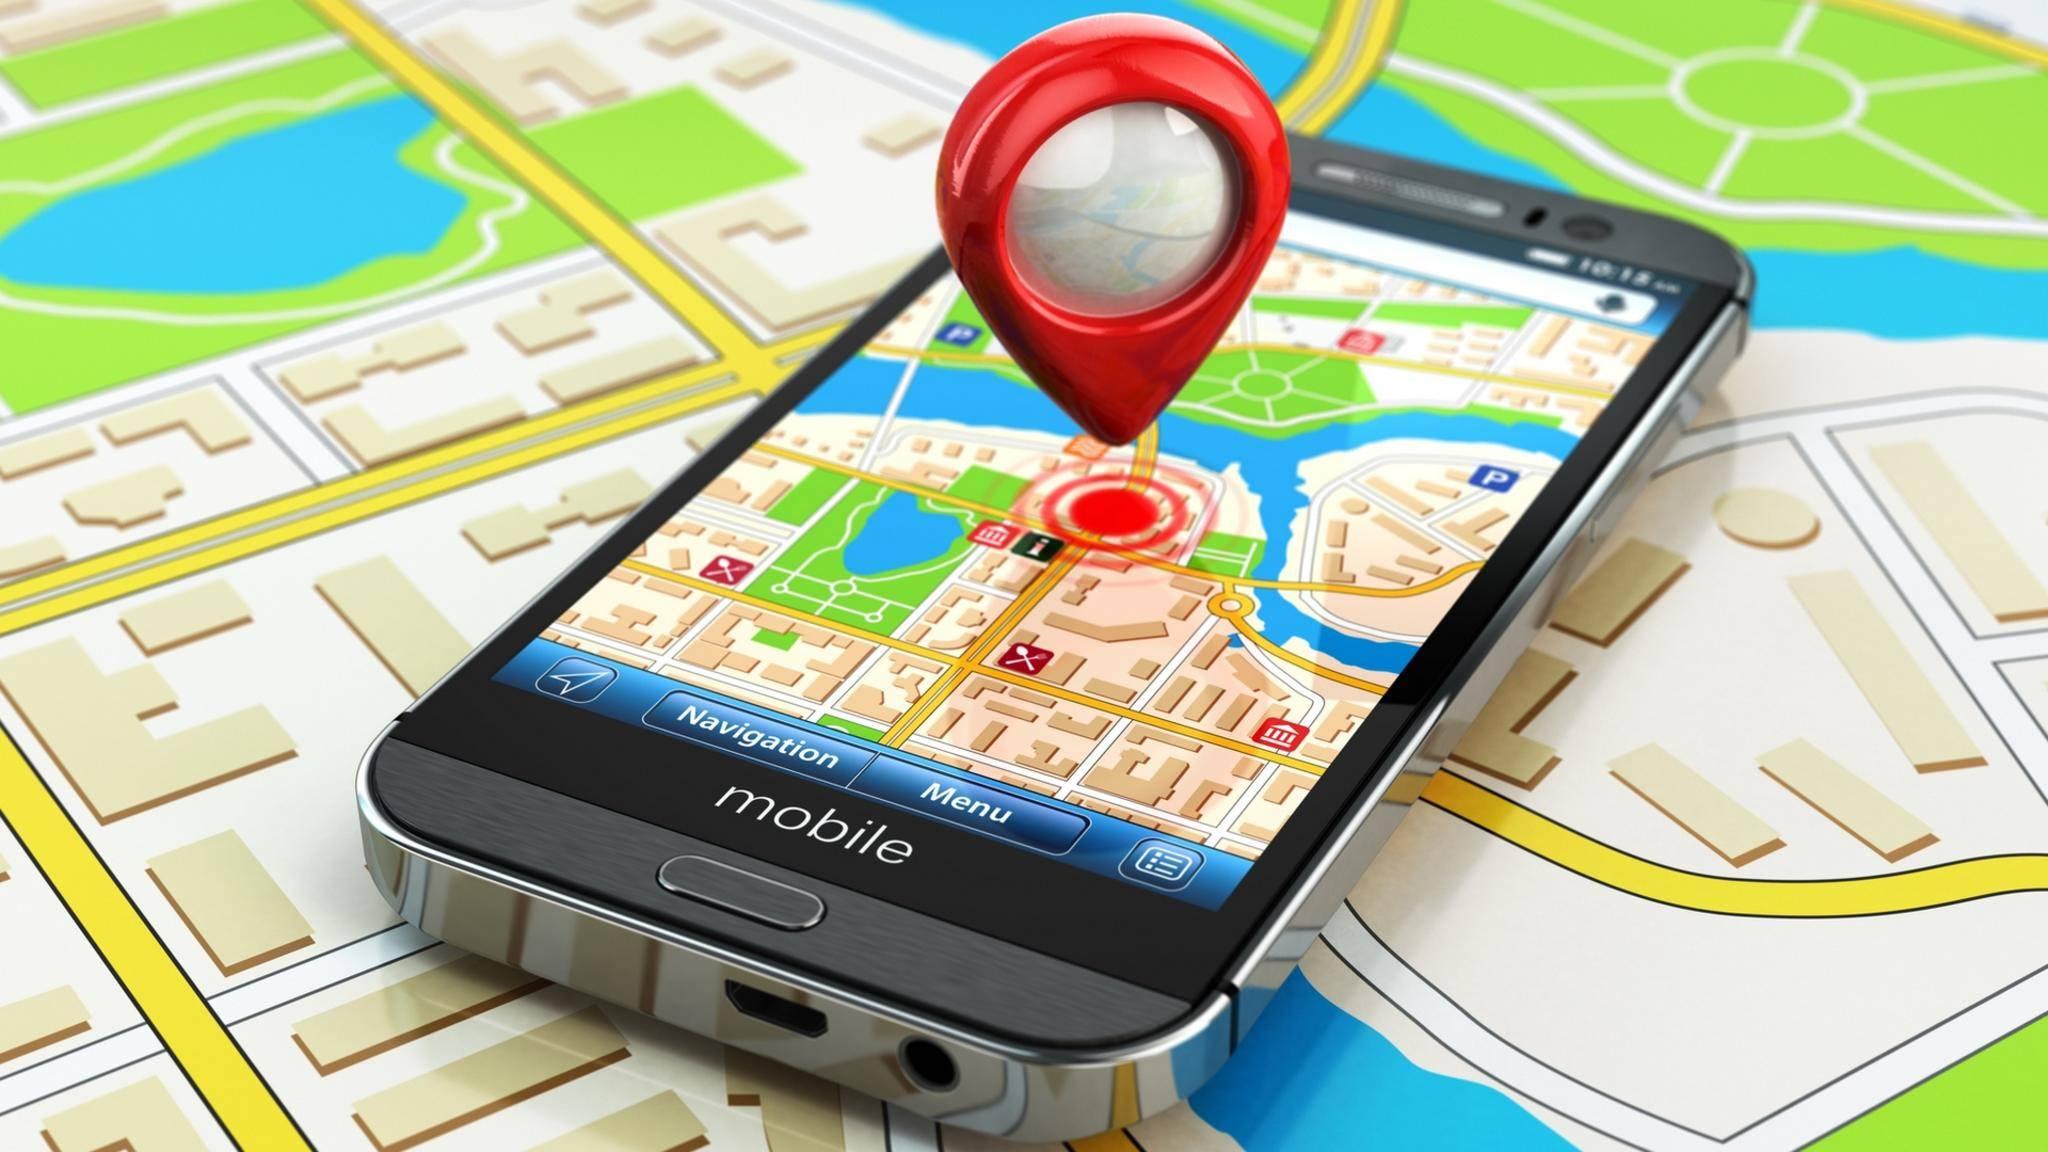 Mit dem Smartphone kannst Du Deinen Standort hervorragend ermitteln.